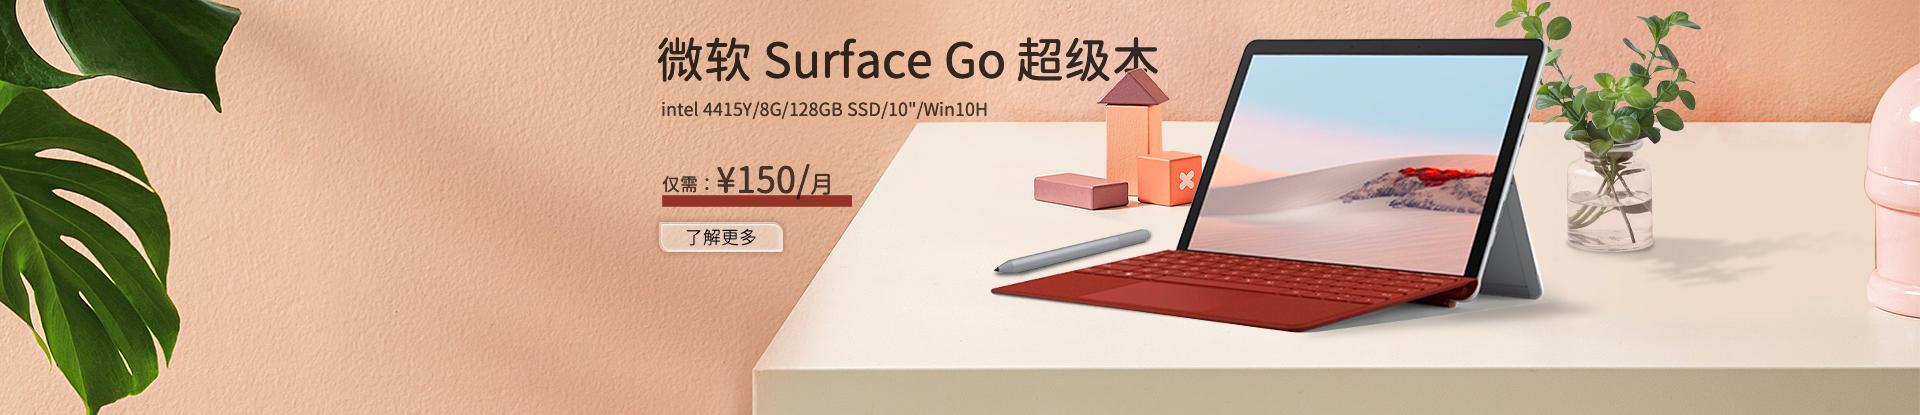 微软Microsoft Surface Go